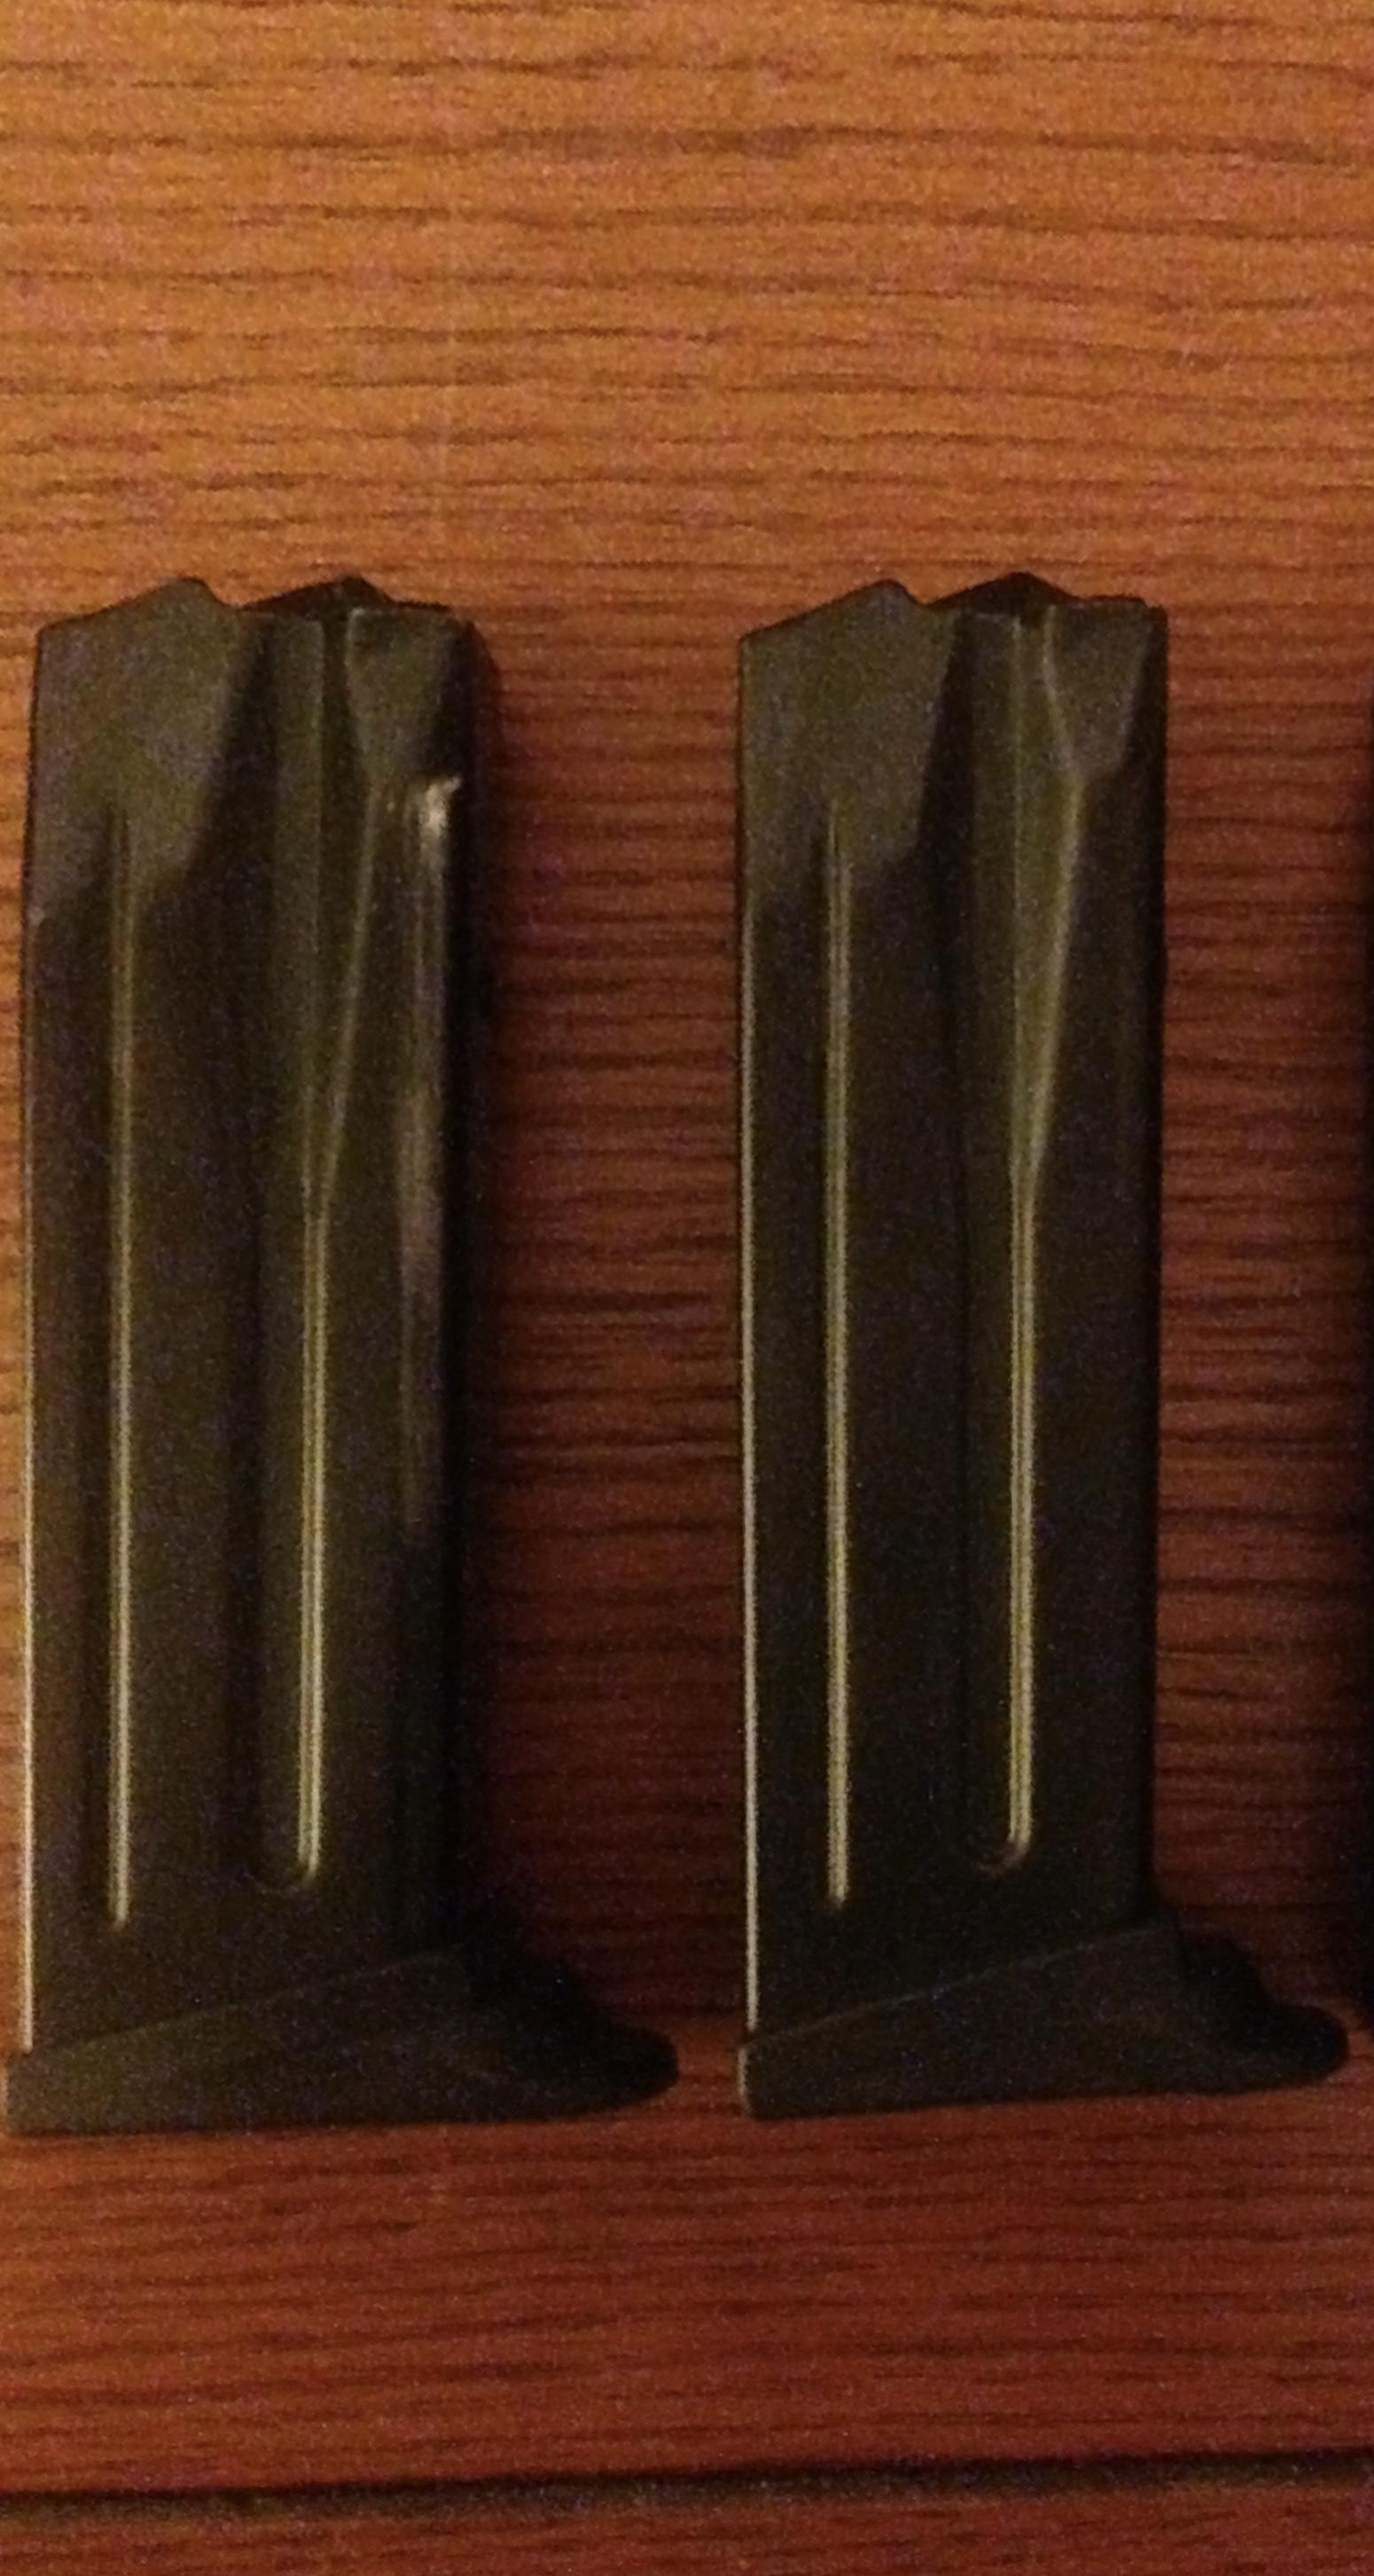 WTS: H&K USPc / P2000 - 13rd - 9mm magazines (NV)-c27865bc-b5a9-440f-aaac-37bb3017a4ef_1580284953589.jpeg